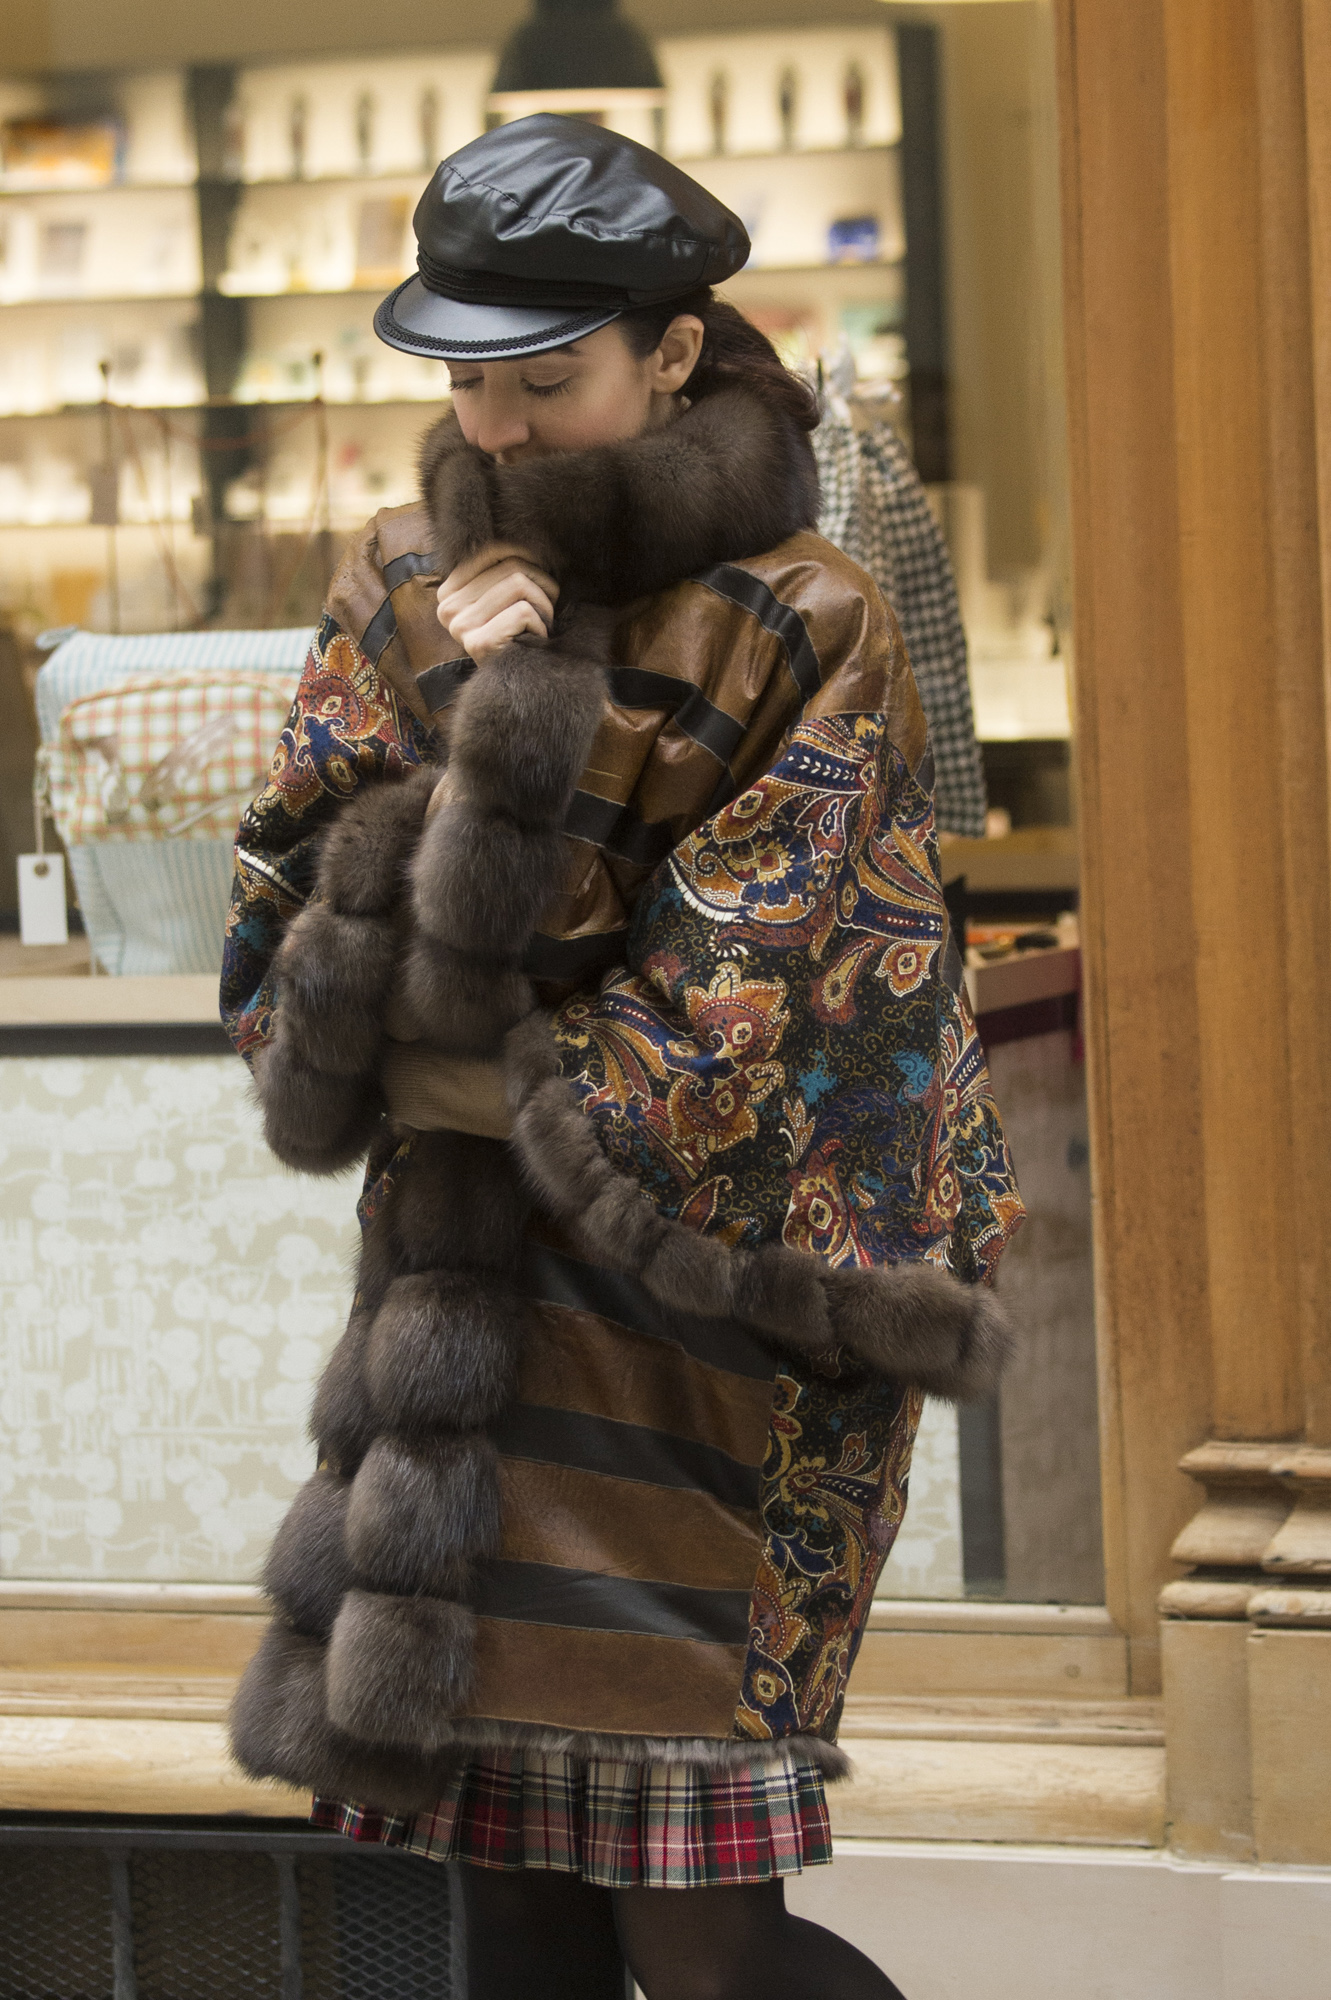 lady fur pelliccia a parigi